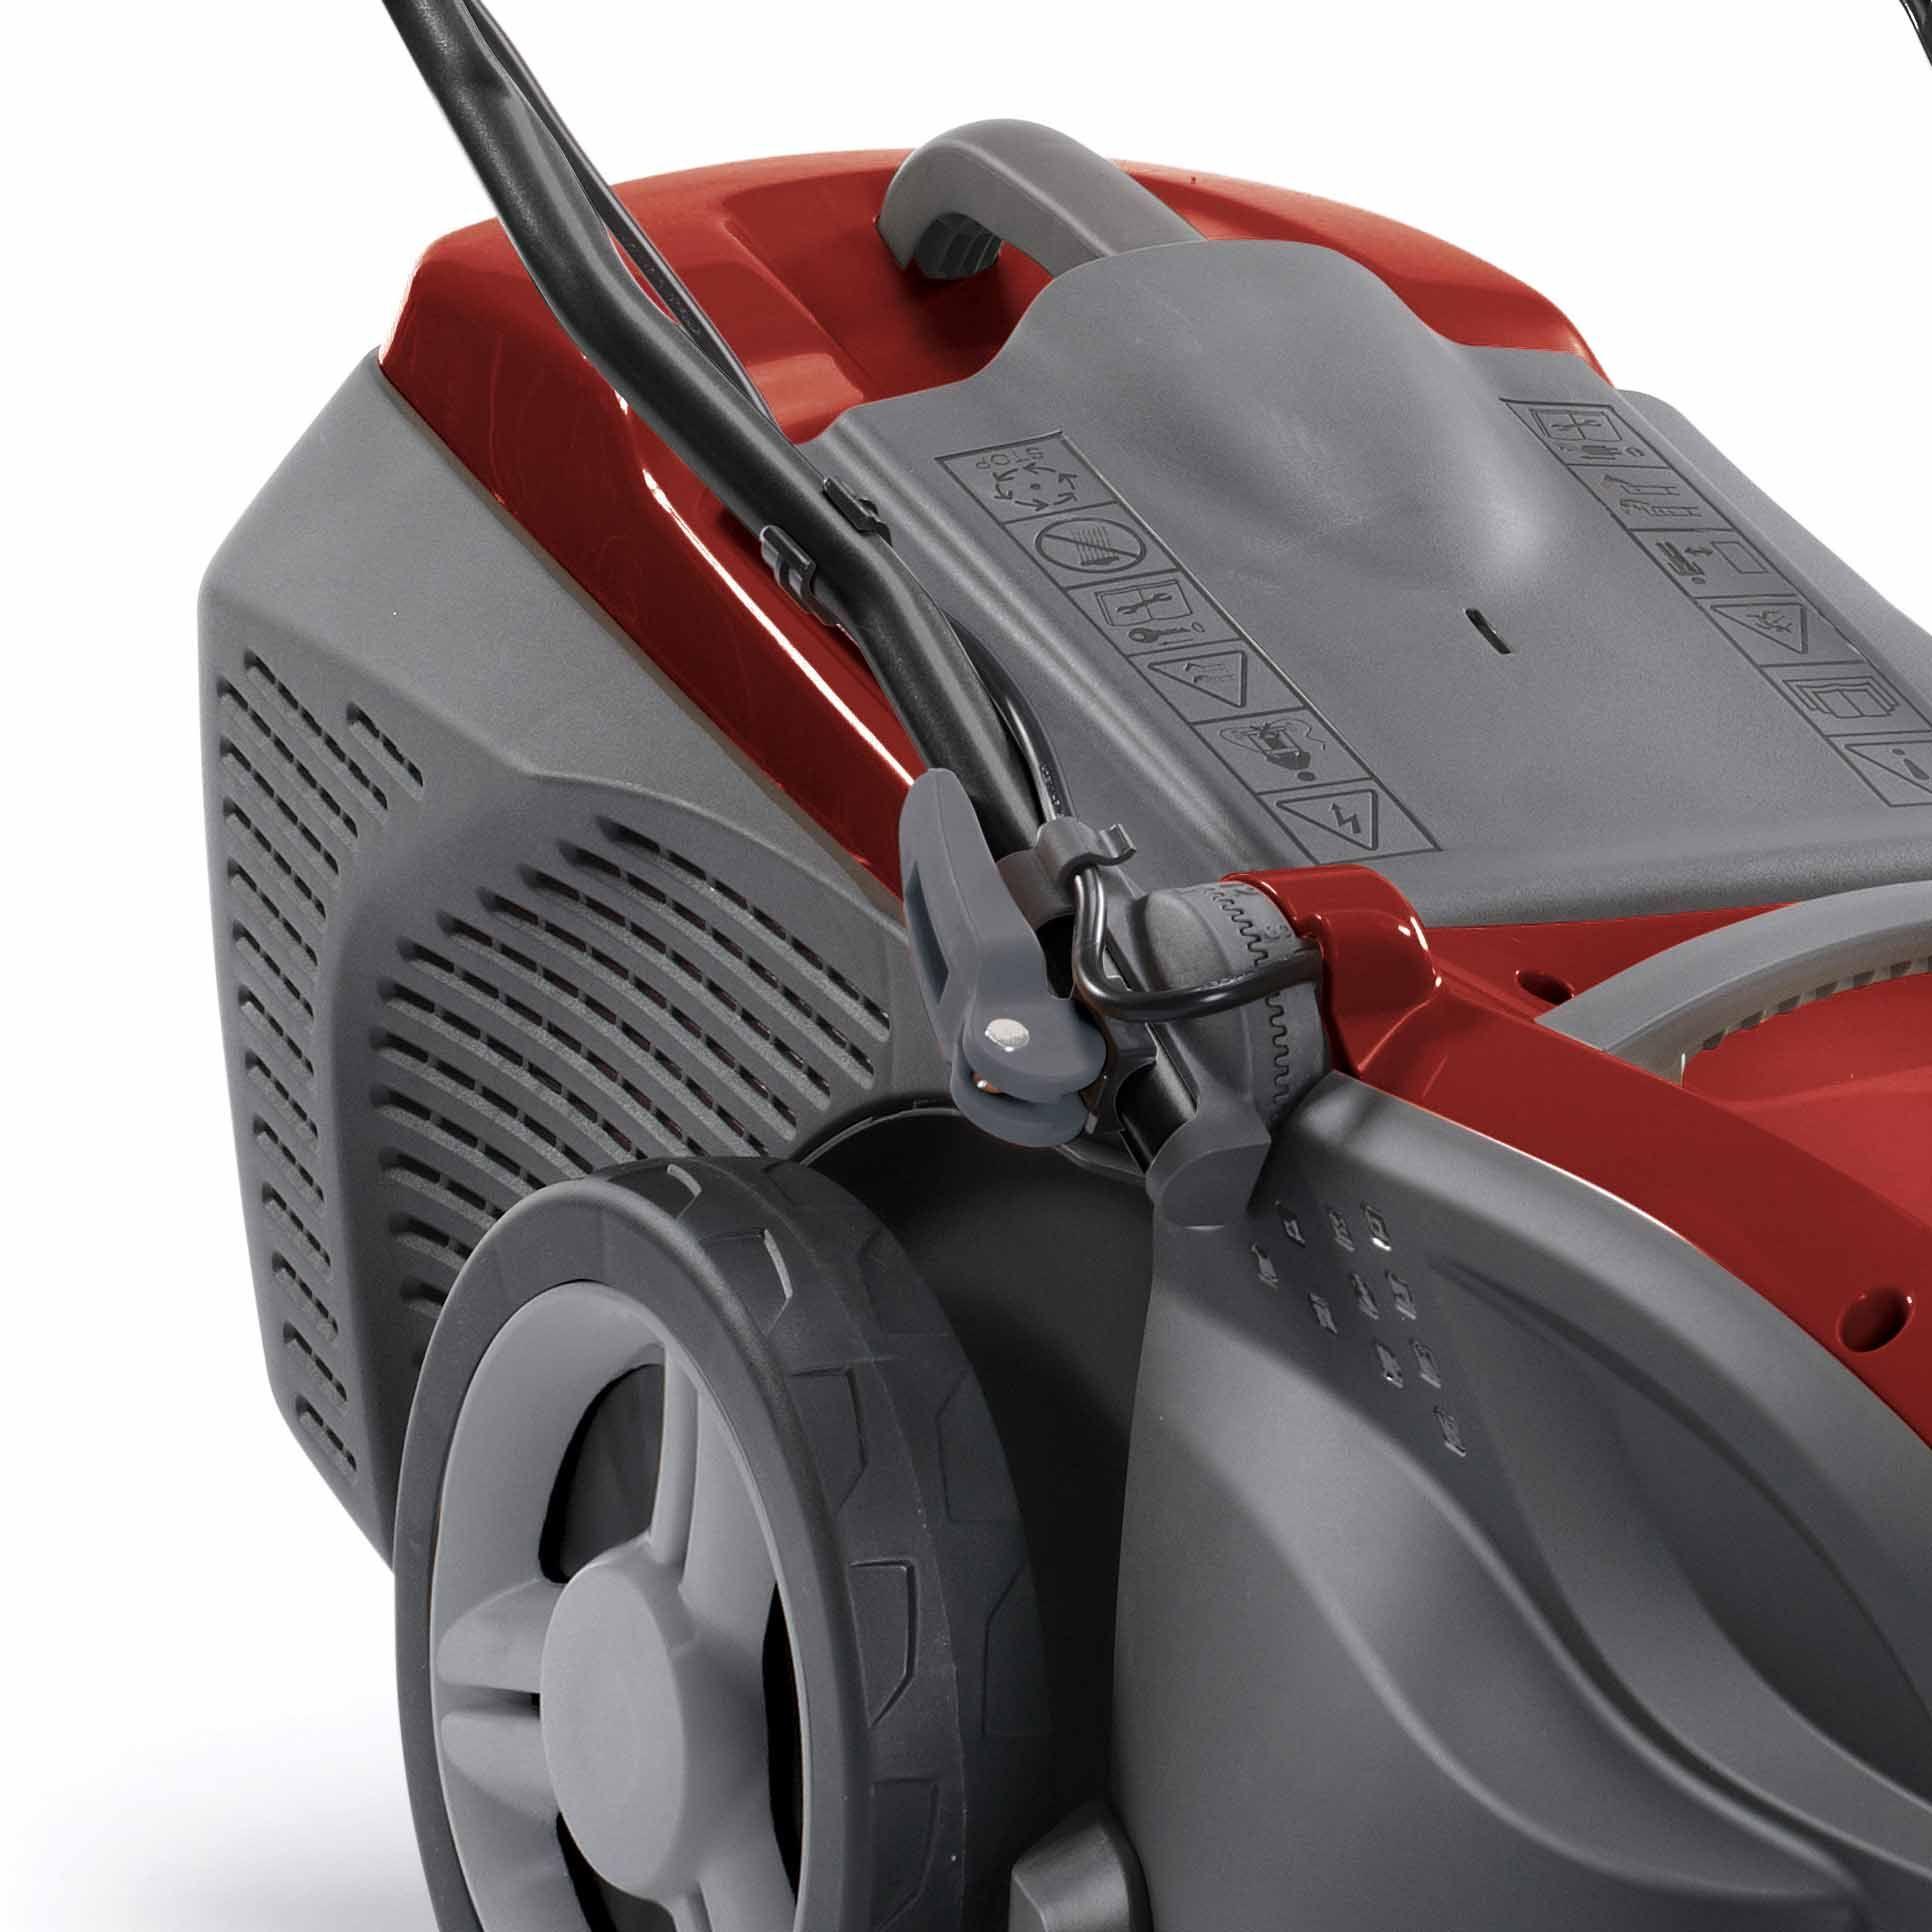 Mountfield Princess 38Li 48v Freedom48 Cordless Lawn Mower 38cm